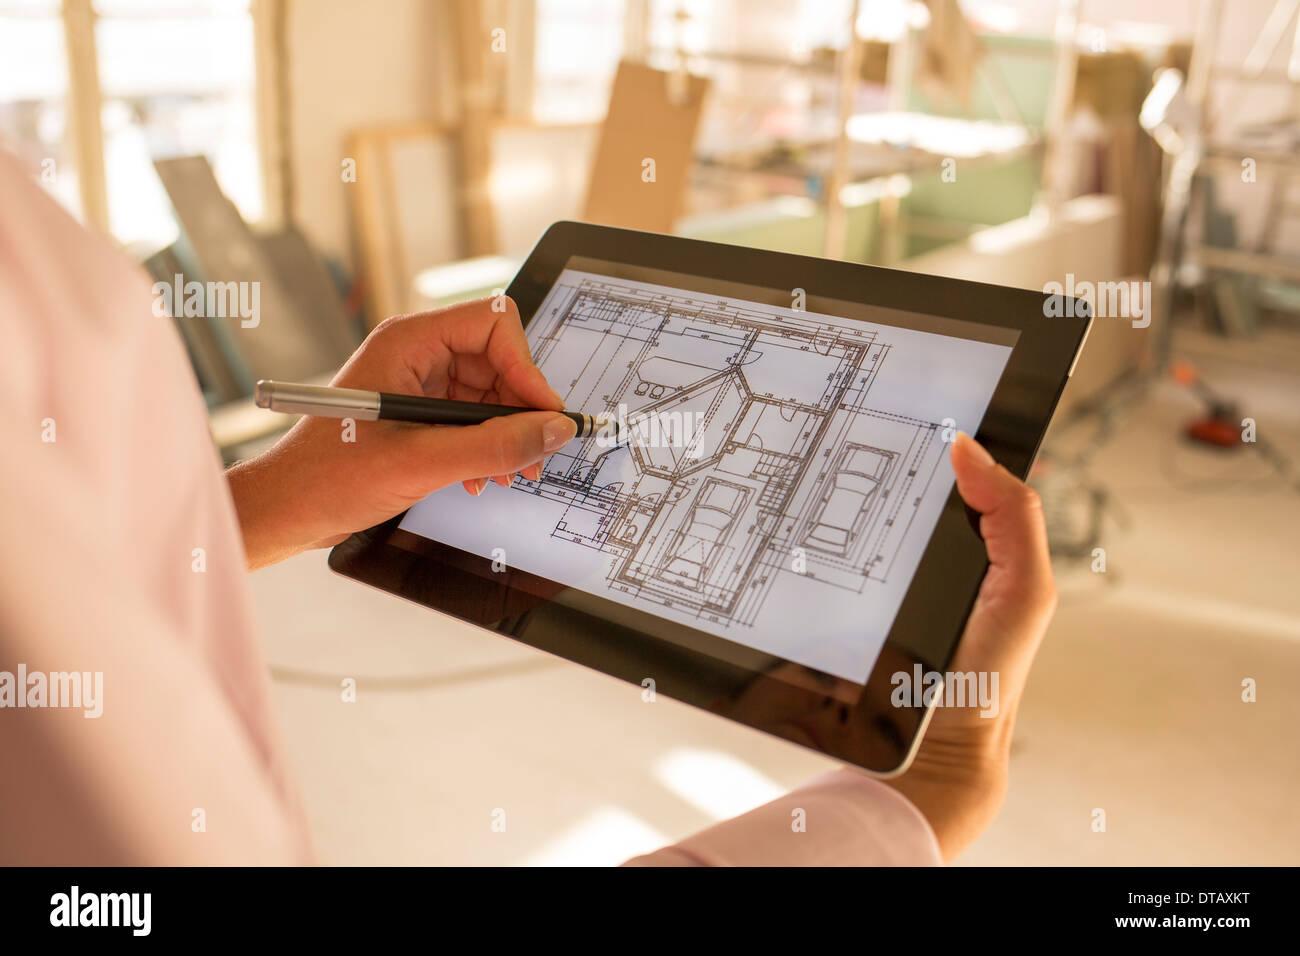 Architetto donna disegno con lo stilo sulla tavoletta elettronica nel sito in costruzione Immagini Stock